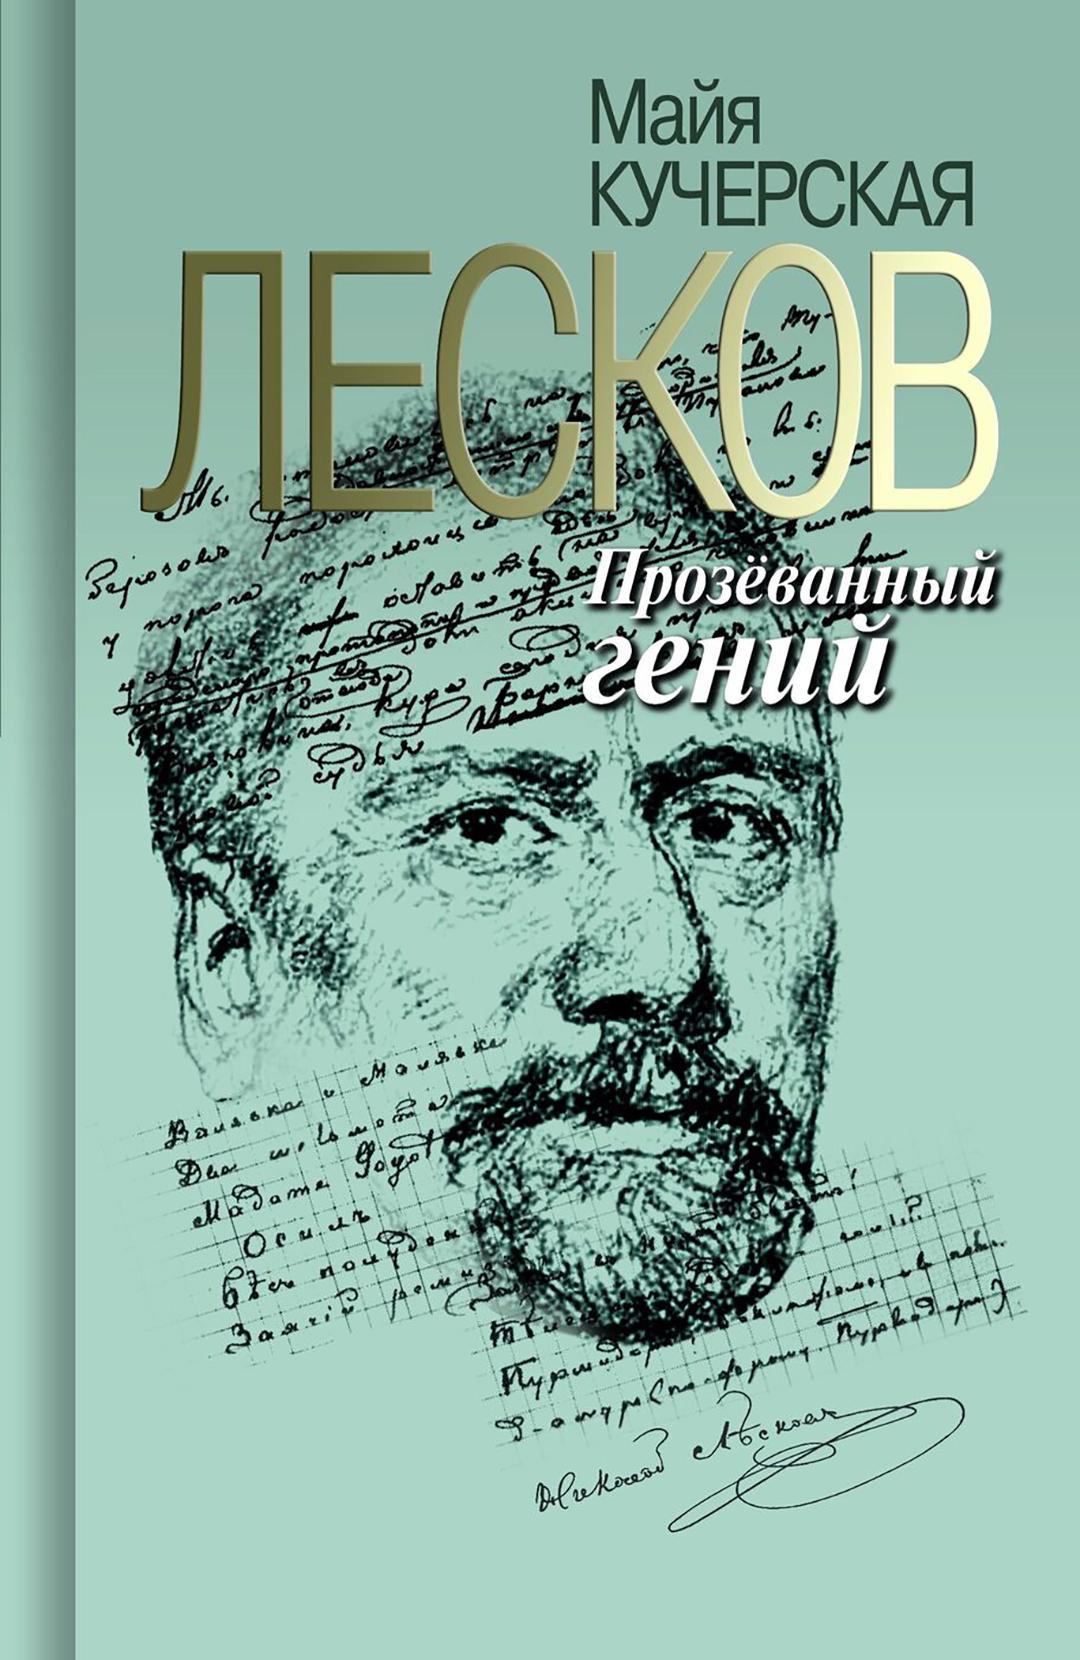 Книга Майи Кучерской «Николай Лесков. Прозеванный гений»